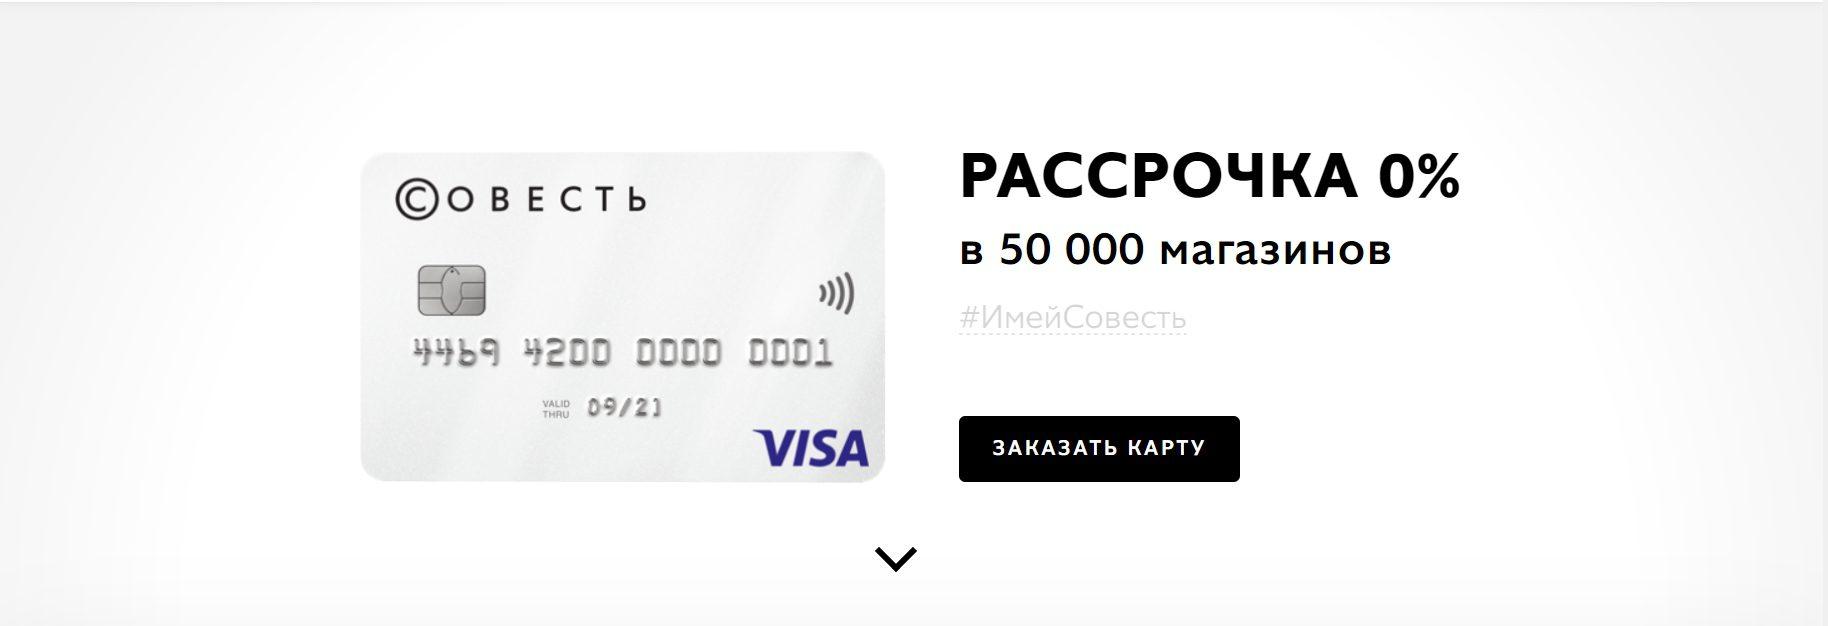 ООО «Сетелем банк» (Setelembank) Мой банк www cetelem ru: личный кабинет онлайн вход по номеру телефона и дате рождения, договора на официальном сайте, регистрация, узнать остаток по кредиту